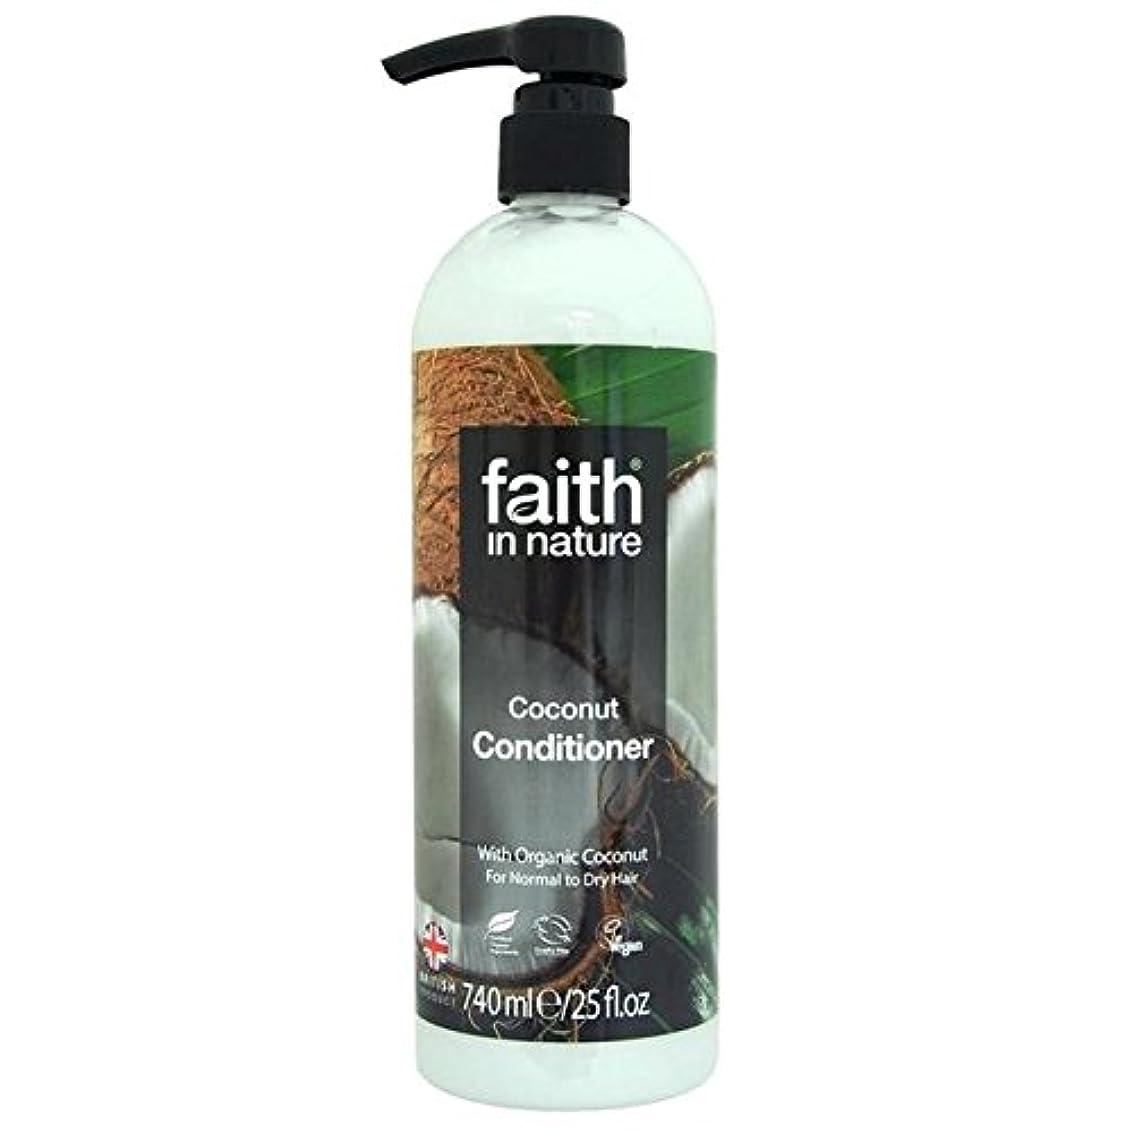 すなわち切手調整可能Faith in Nature Coconut Conditioner 740ml (Pack of 4) - (Faith In Nature) 自然ココナッツコンディショナー740ミリリットルの信仰 (x4) [並行輸入品]